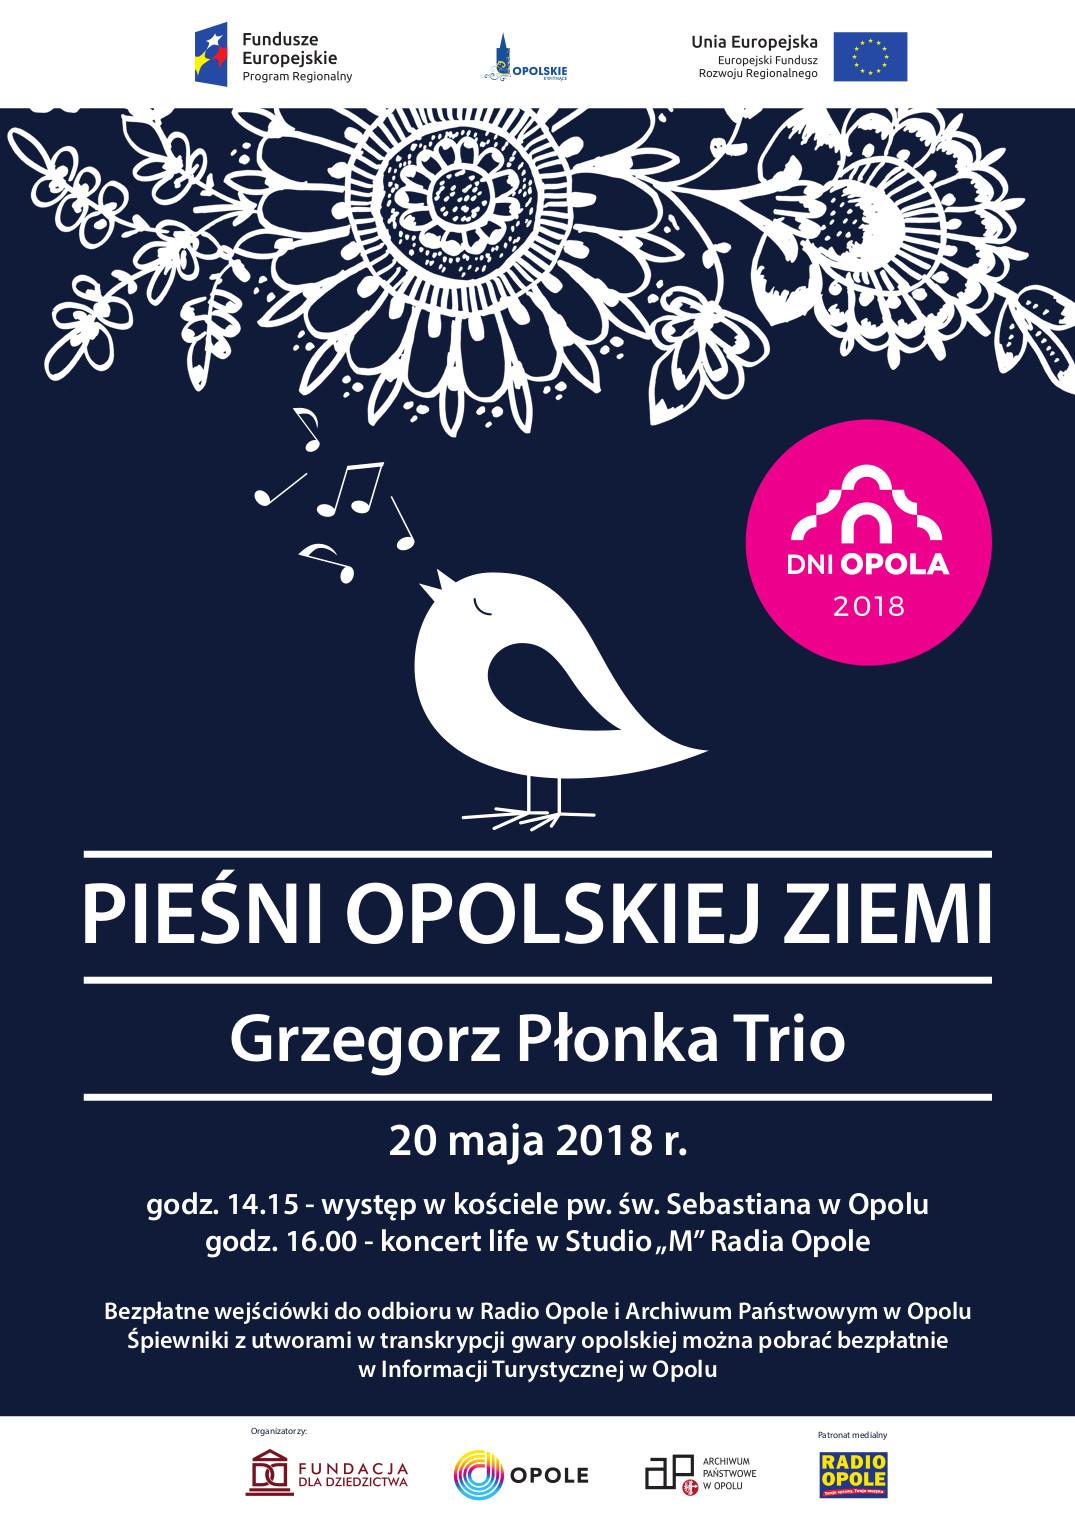 Pieśni opolskiej ziemi zabrzmią w Studiu M, czyli koncert Grzegorz Płonka Trio - transmisja po 16:00